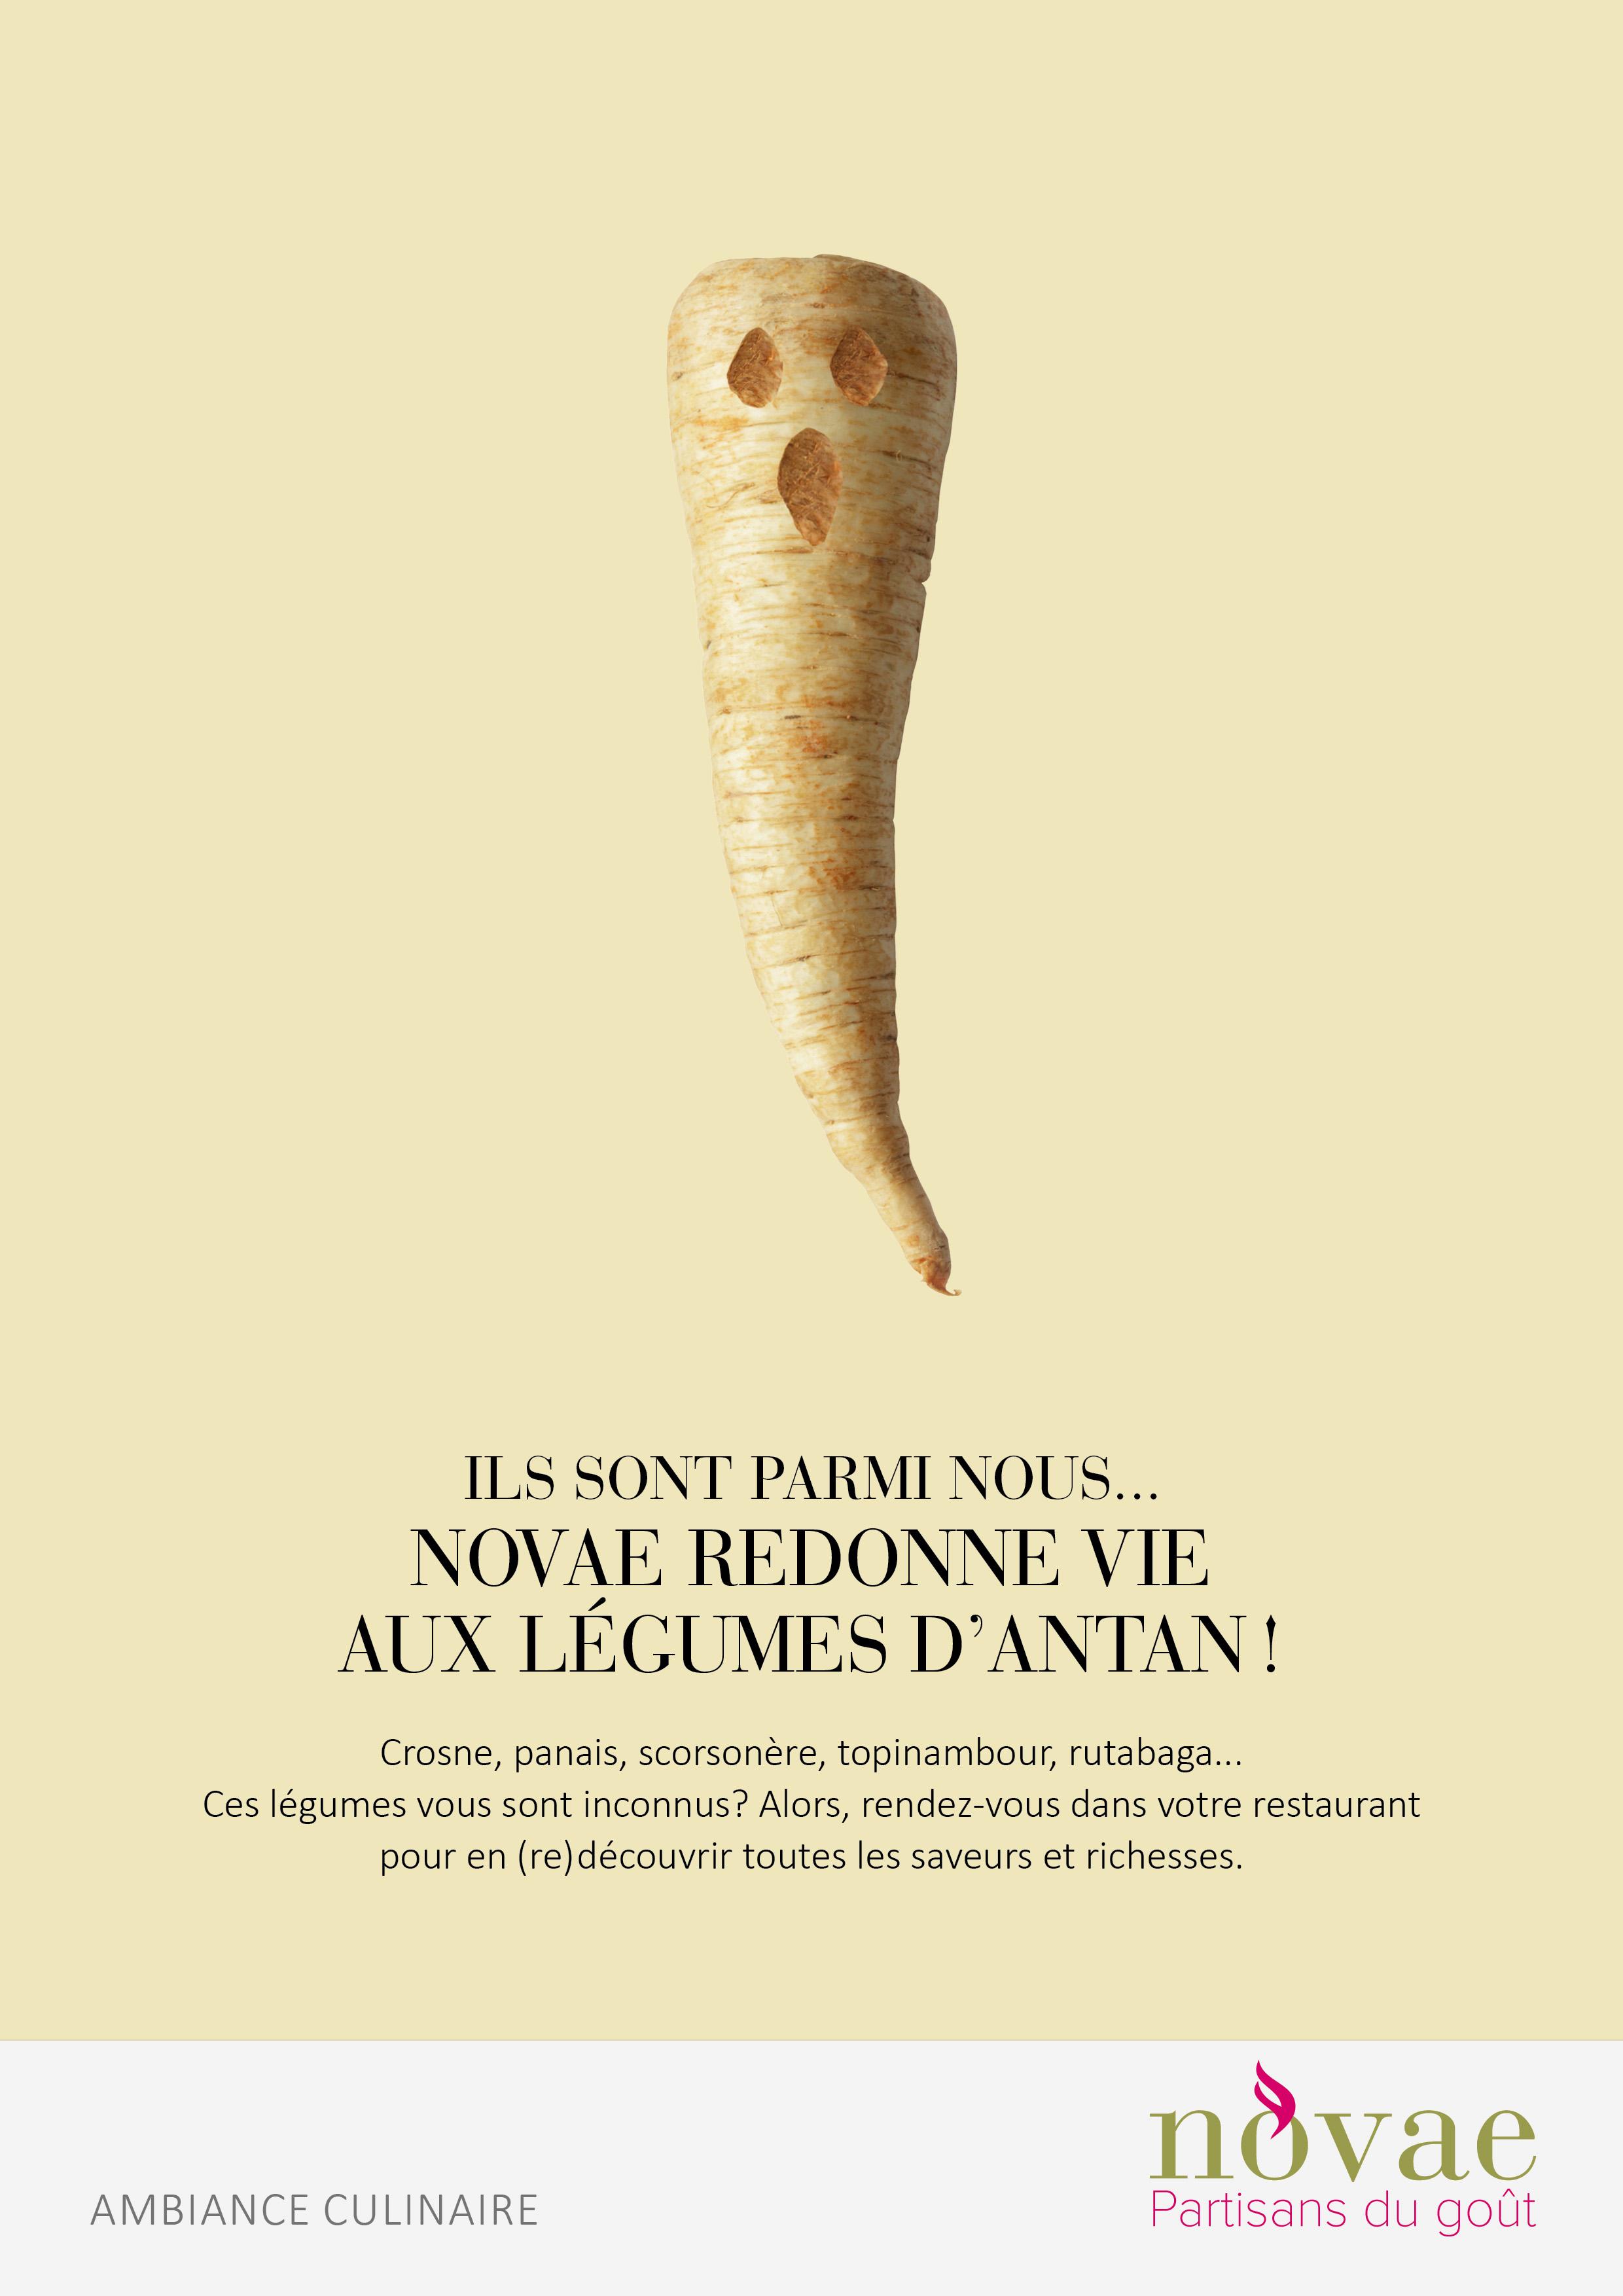 novae_legumes_anciens